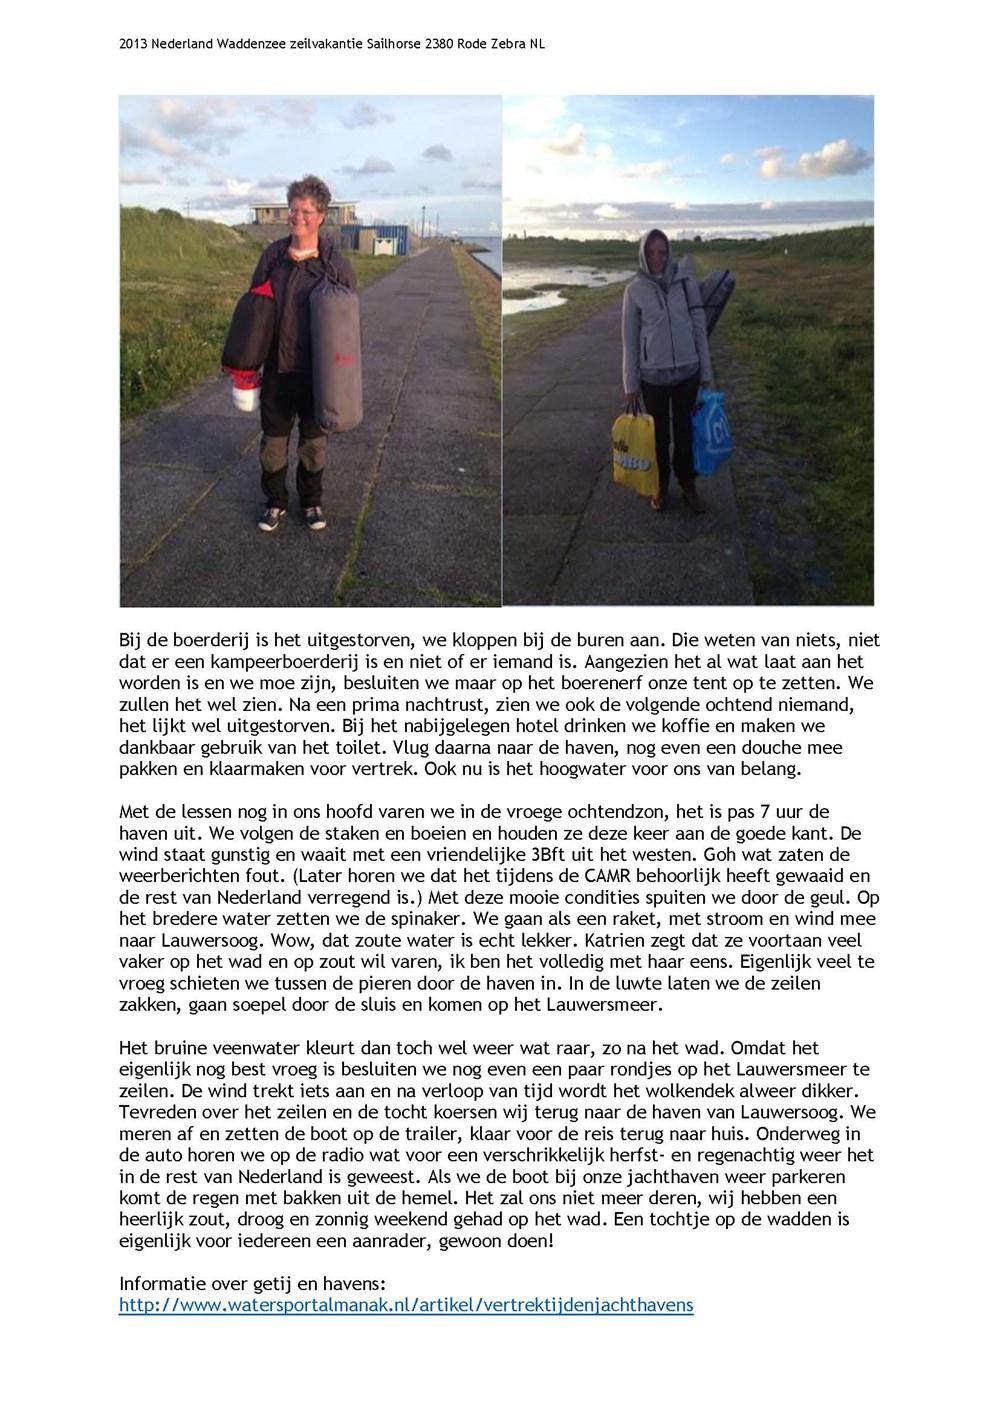 2013_Nederland_Waddenzee_zeilvakantie_Sailhorse_2380_Rode_Zebra_NL_Page_4.jpg